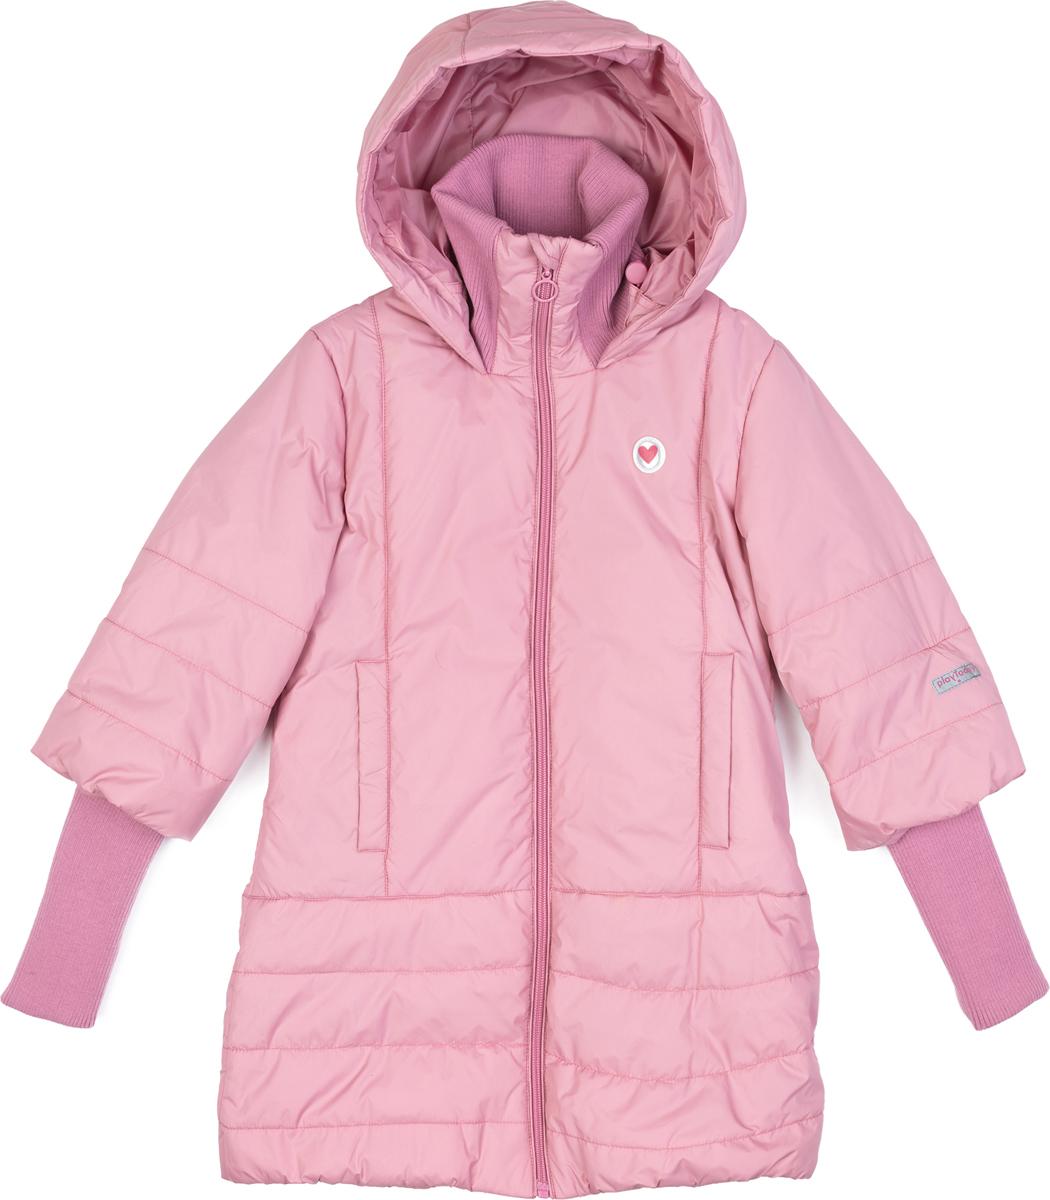 Пальто для девочки PlayToday, цвет: светло-розовый. 182054. Размер 134/140182054Утепленное пальто из водонепроницаемой ткани. Модель с высоким воротником - стойкой. Пальто на молнии. Специальный карман для бегунка не позволит застежке травмировать нежную детскую кожу. Рукава 3/4. Удлиненные манжеты из плотного трикотажа. Встрочной капюшон по контуру дополнен регулируемым шнуром - кулиской. Подкладка из полиэстера. Низ изделия на мягкой резинке для дополнительного сохранения тепла. Светоотражающие эелементы обеспечат видимость ребенка в темное время суток. Пальто дополнено встрочными карманами.